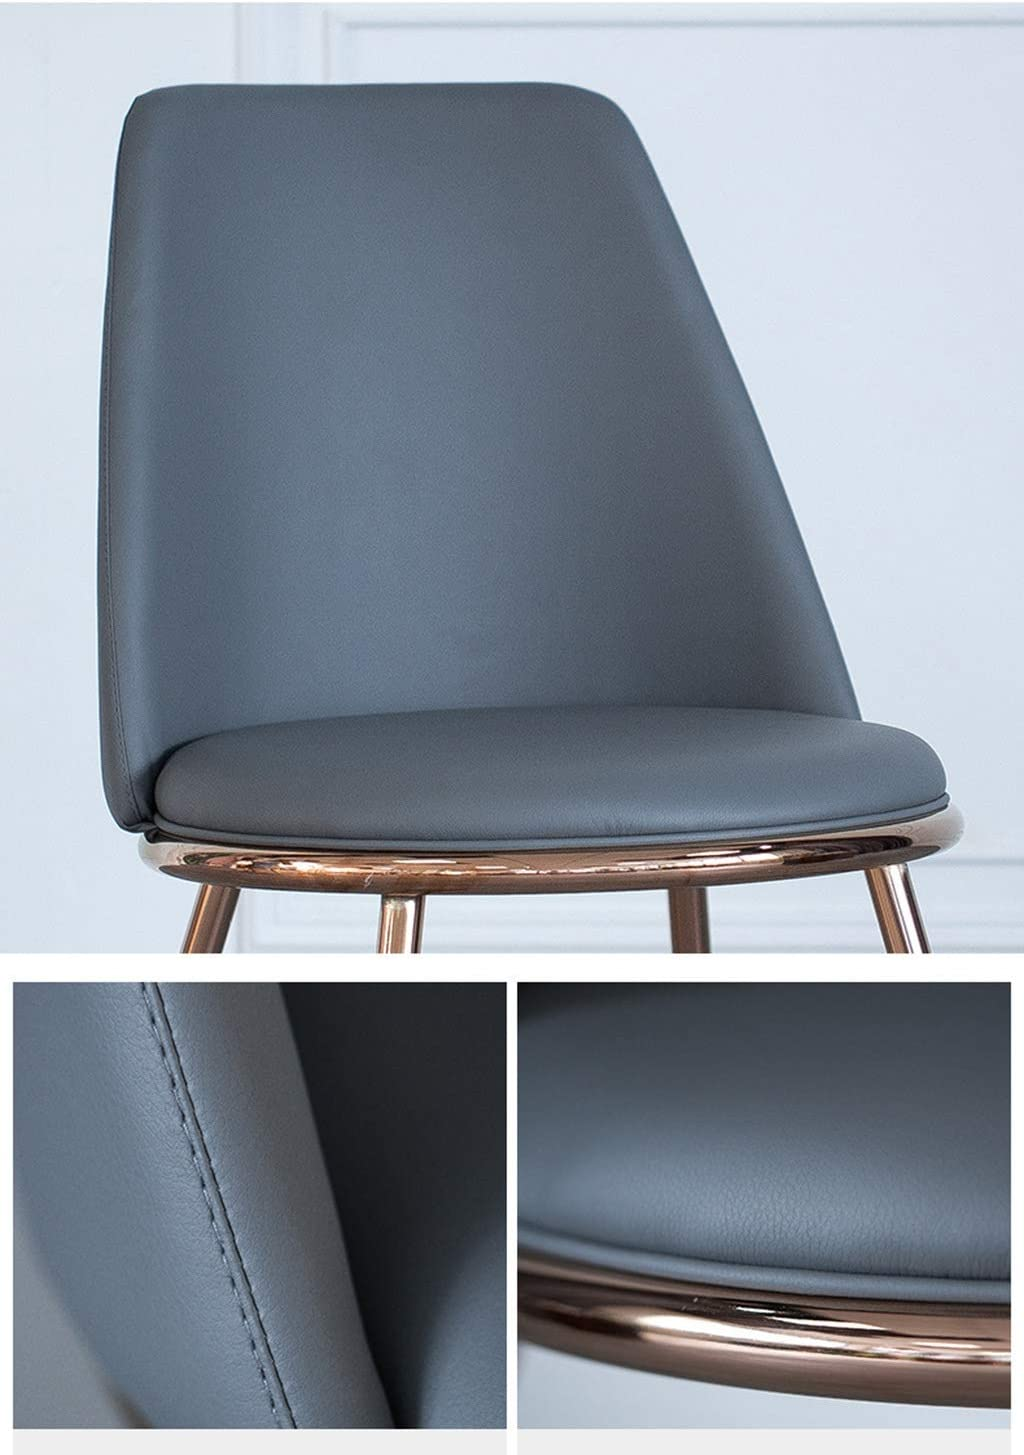 CAIS Chaise simple atmosphère ménage fauteuil, chaise de salle à manger salon chaise longue fer Art Pu Dinette Creative Bar chaise 45 * 45 * 75Cm siège antidérapant,Bleu Rose